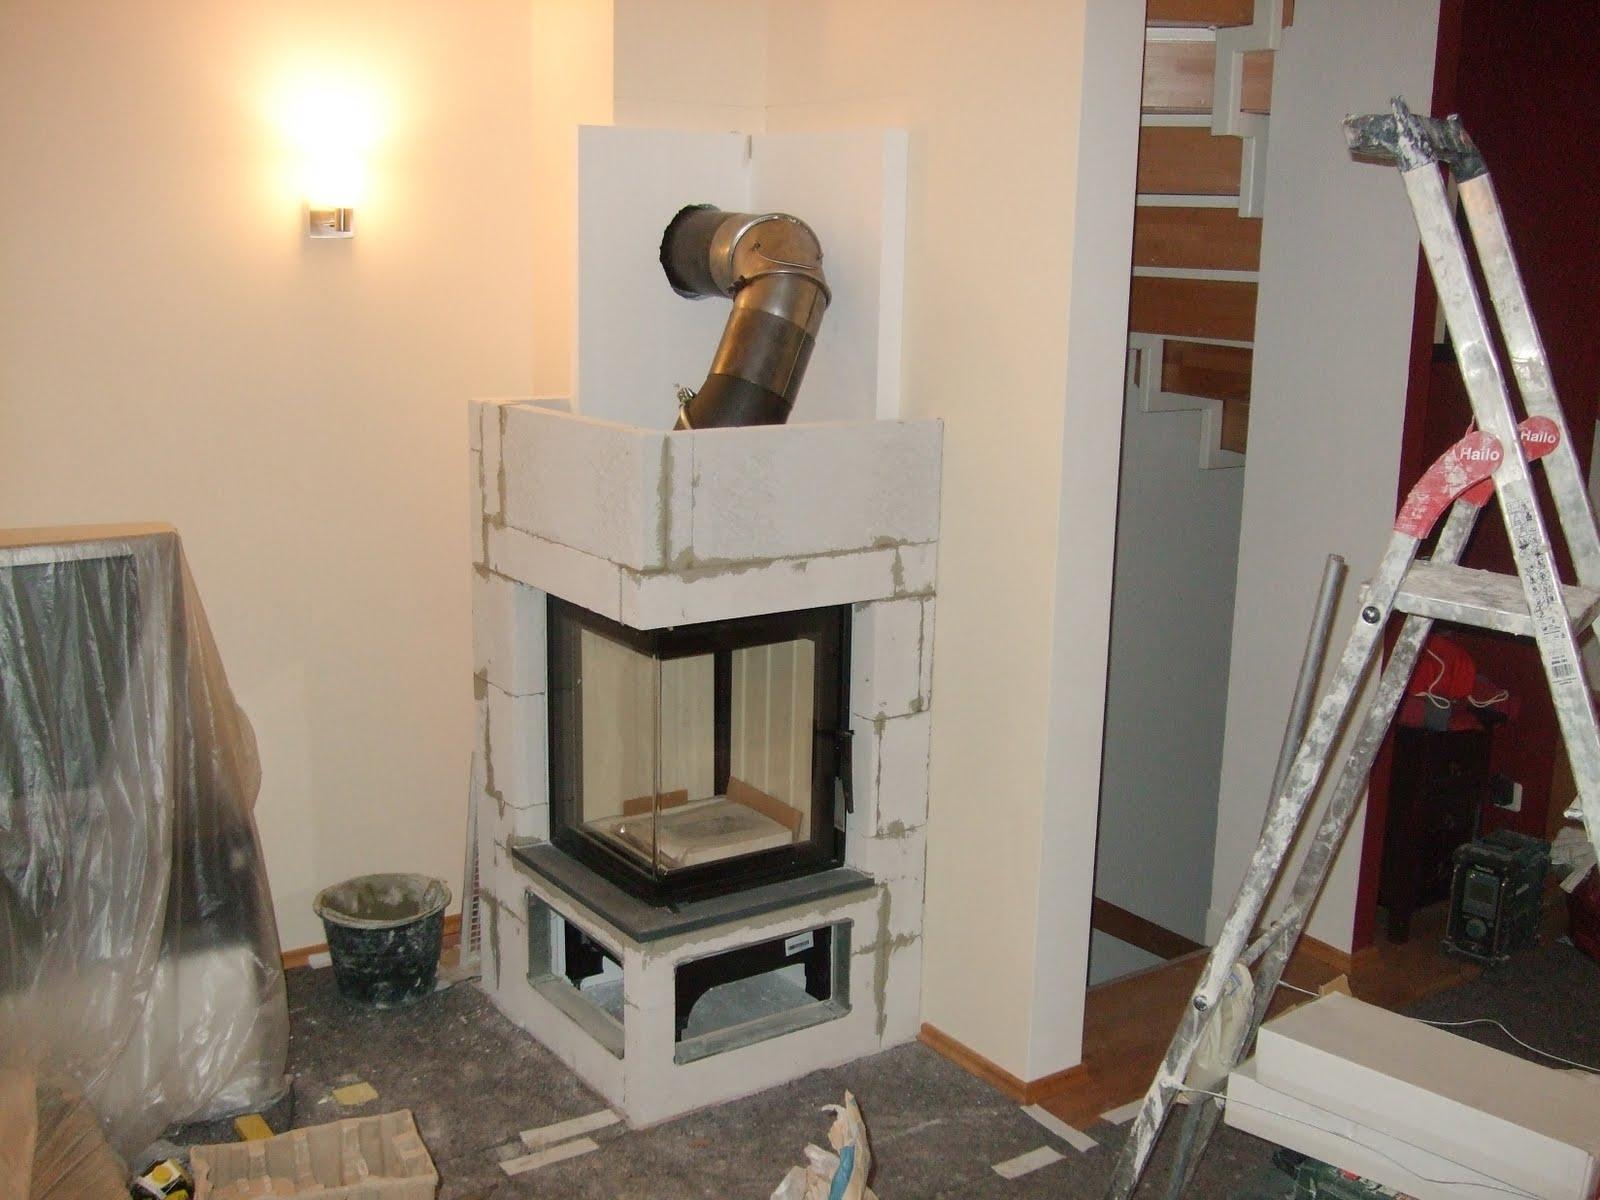 hausbau mit ncc deutschland typ tilia. Black Bedroom Furniture Sets. Home Design Ideas